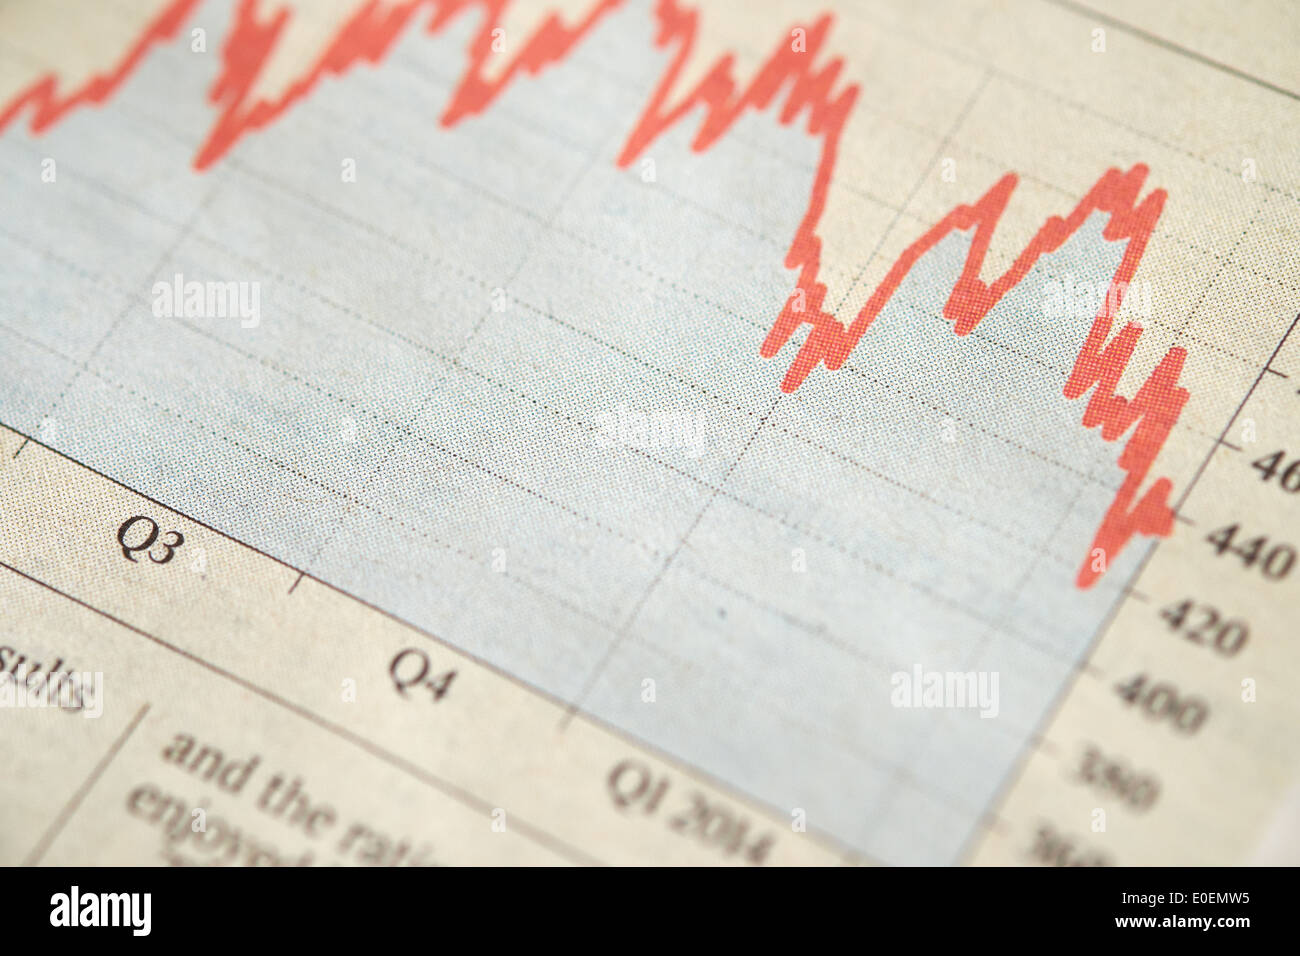 Une photo d'un imprimé graphique montrant les données financières rendement des stocks et d'actions. Photo Stock